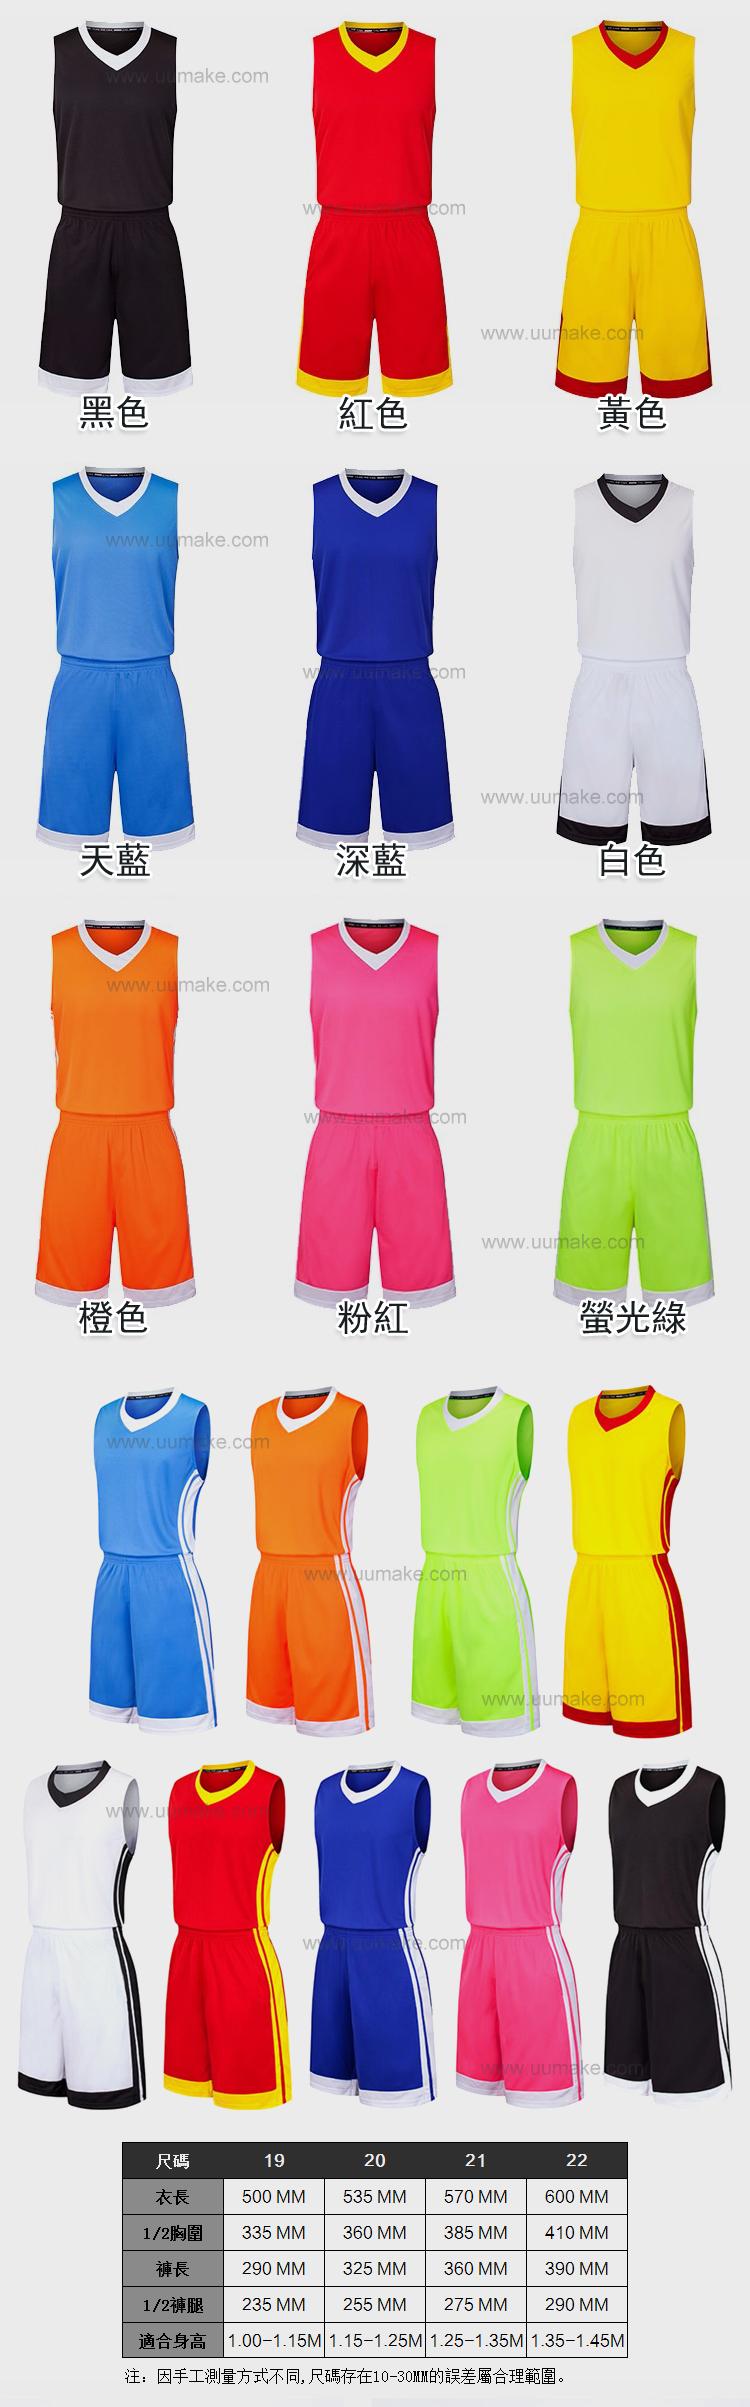 純色圓領T恤,廣告短袖衫,廣告禮品,促銷禮品,贈品,訂造,定做,批發,兒童籃球套裝